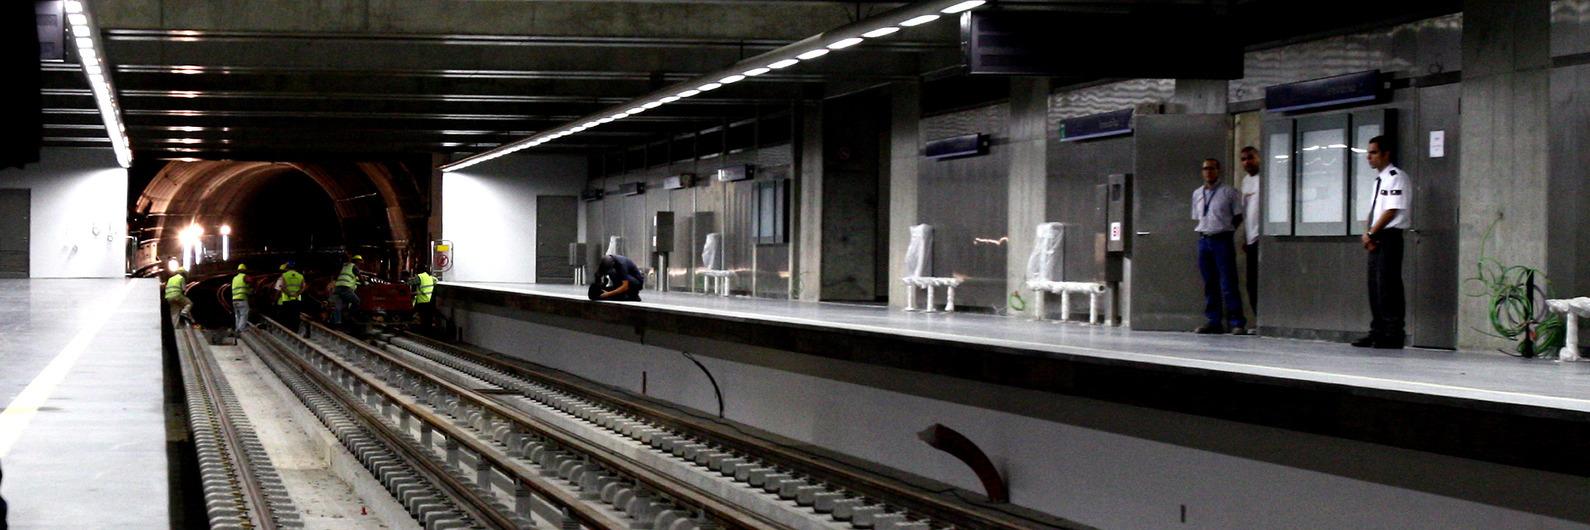 Web Summit: Metro de Lisboa cria passe especial e promete mais frequência e reforço de carruagens